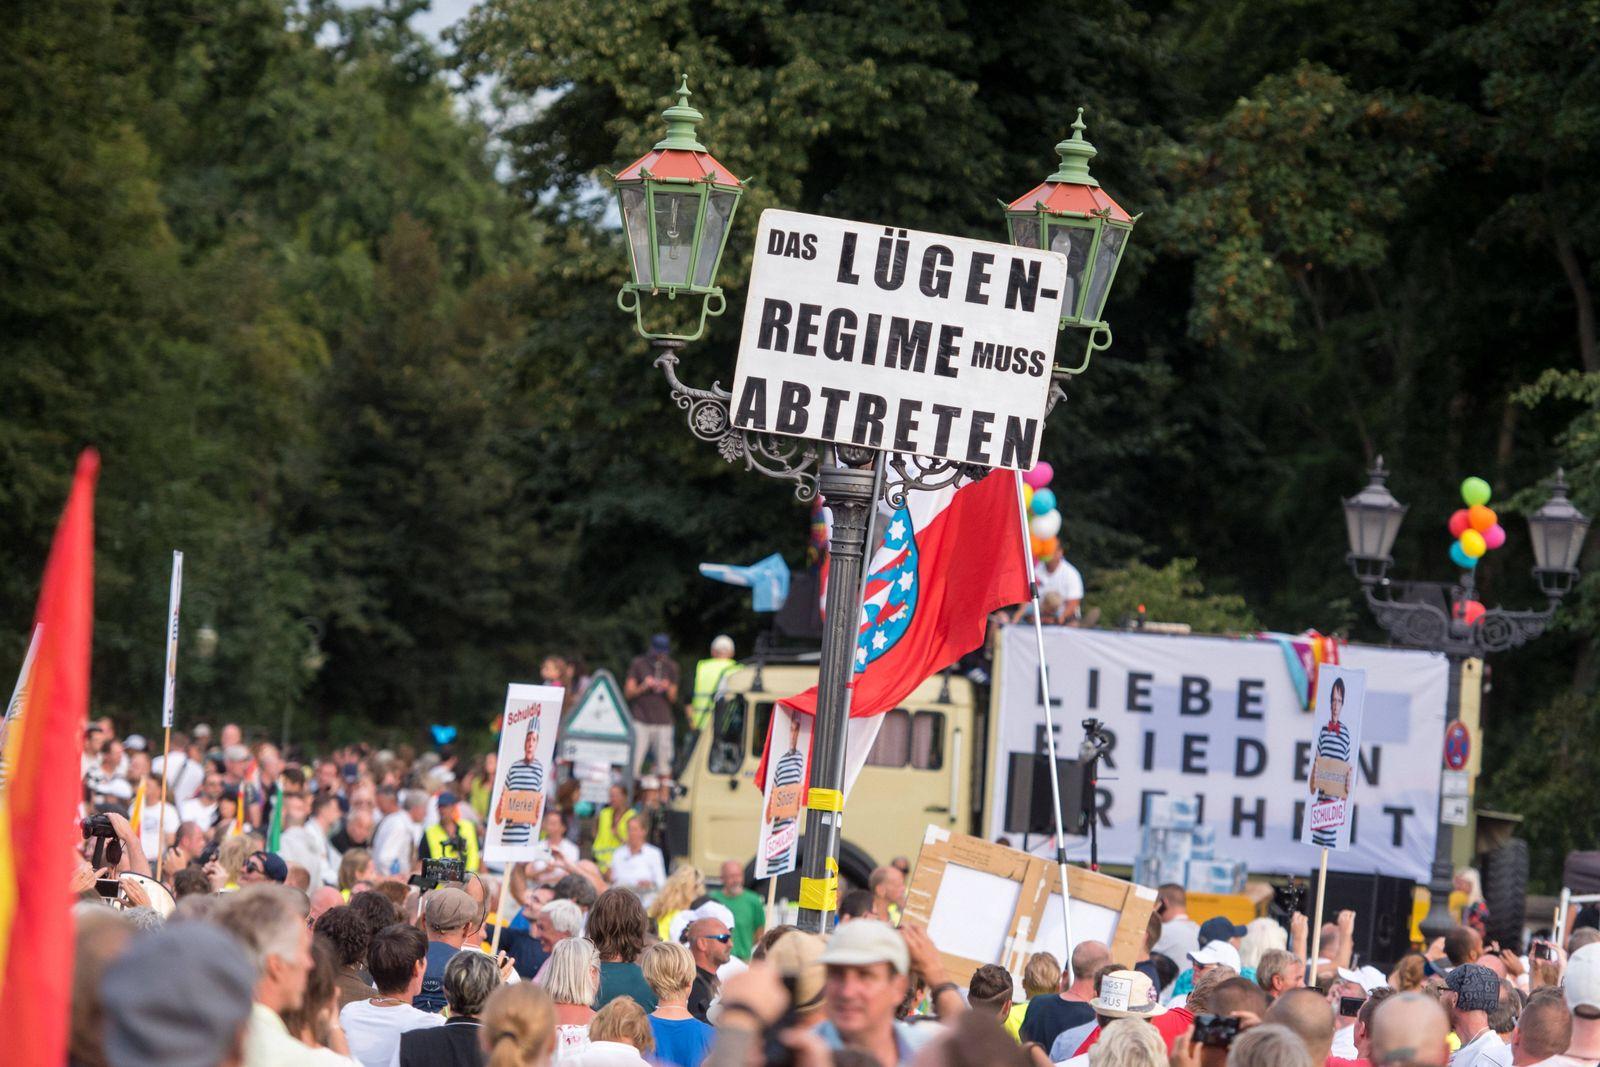 Berlin, Demo gegen die aktuelle Coronapolitik Deutschland, Berlin - 29.08.2020: Im Bild ist der Protest gegen die aktue